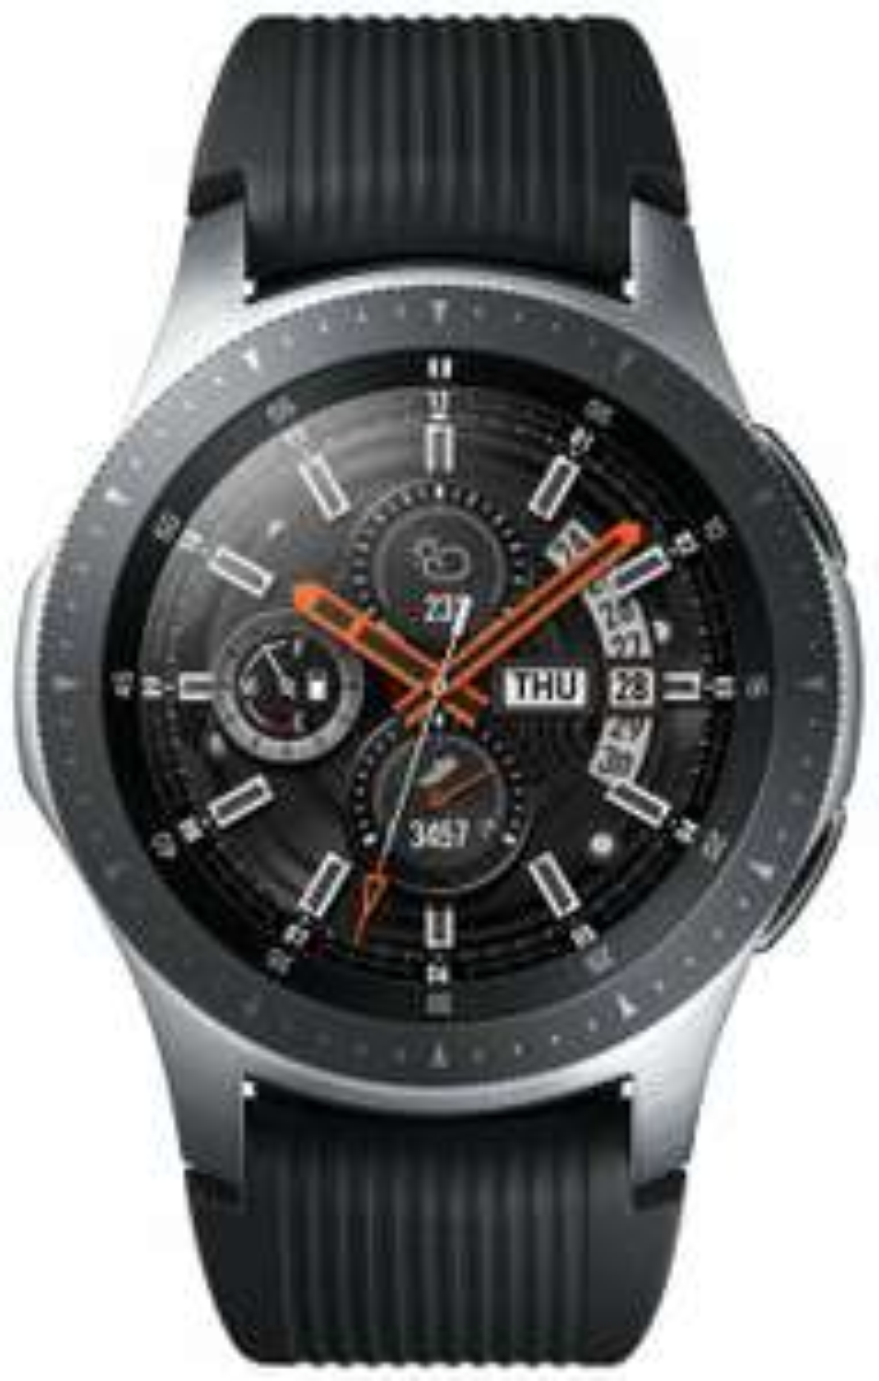 Samsung Galaxy Watch 46mm. Manufacturer Refurbished £129.99 from Argos / ebay